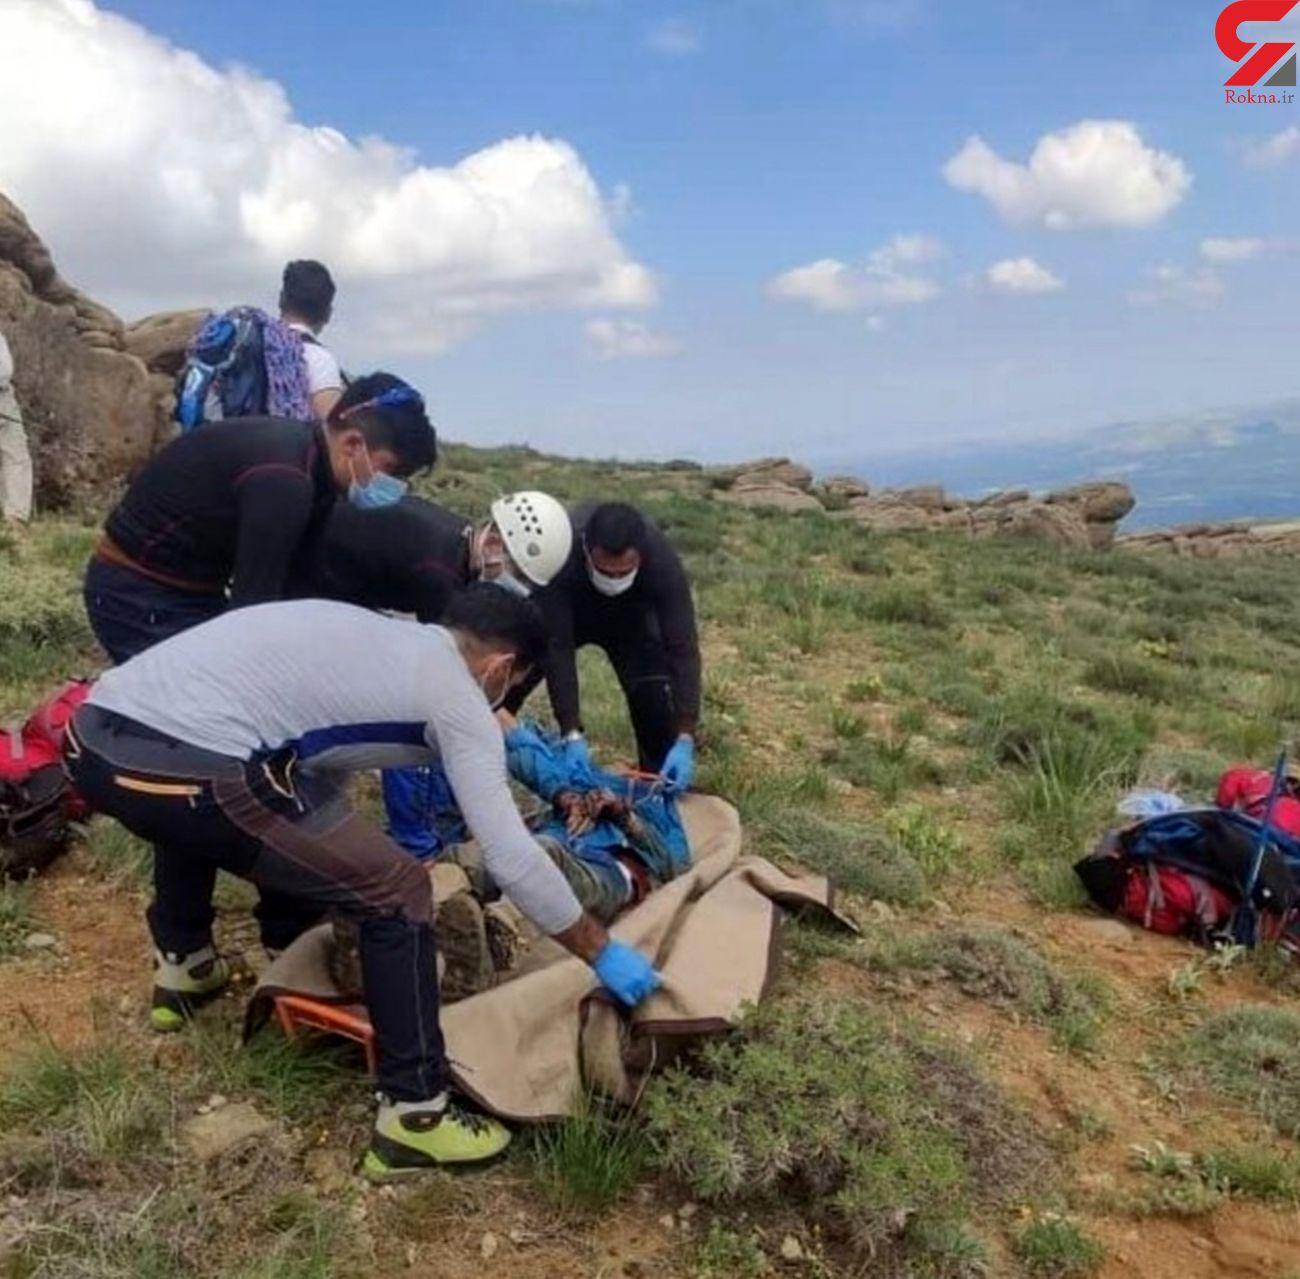 پیکر بی جان کوهنورد را در ارتفاعات کوه سیر پیدا کردند.